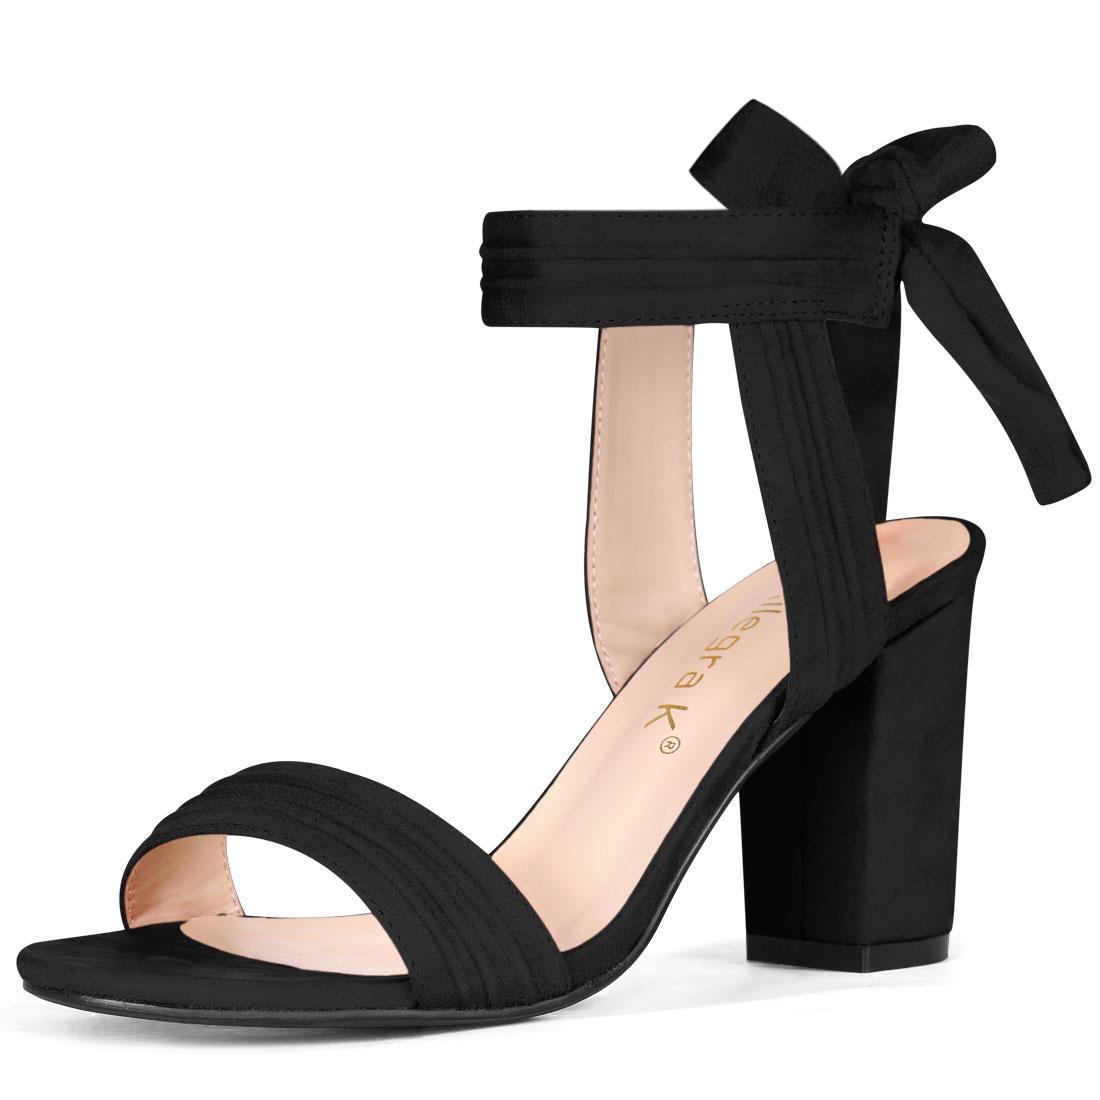 Allegra K Women's Open Toe Ankle Tie Back Chunky Heel Sandals Black US 9